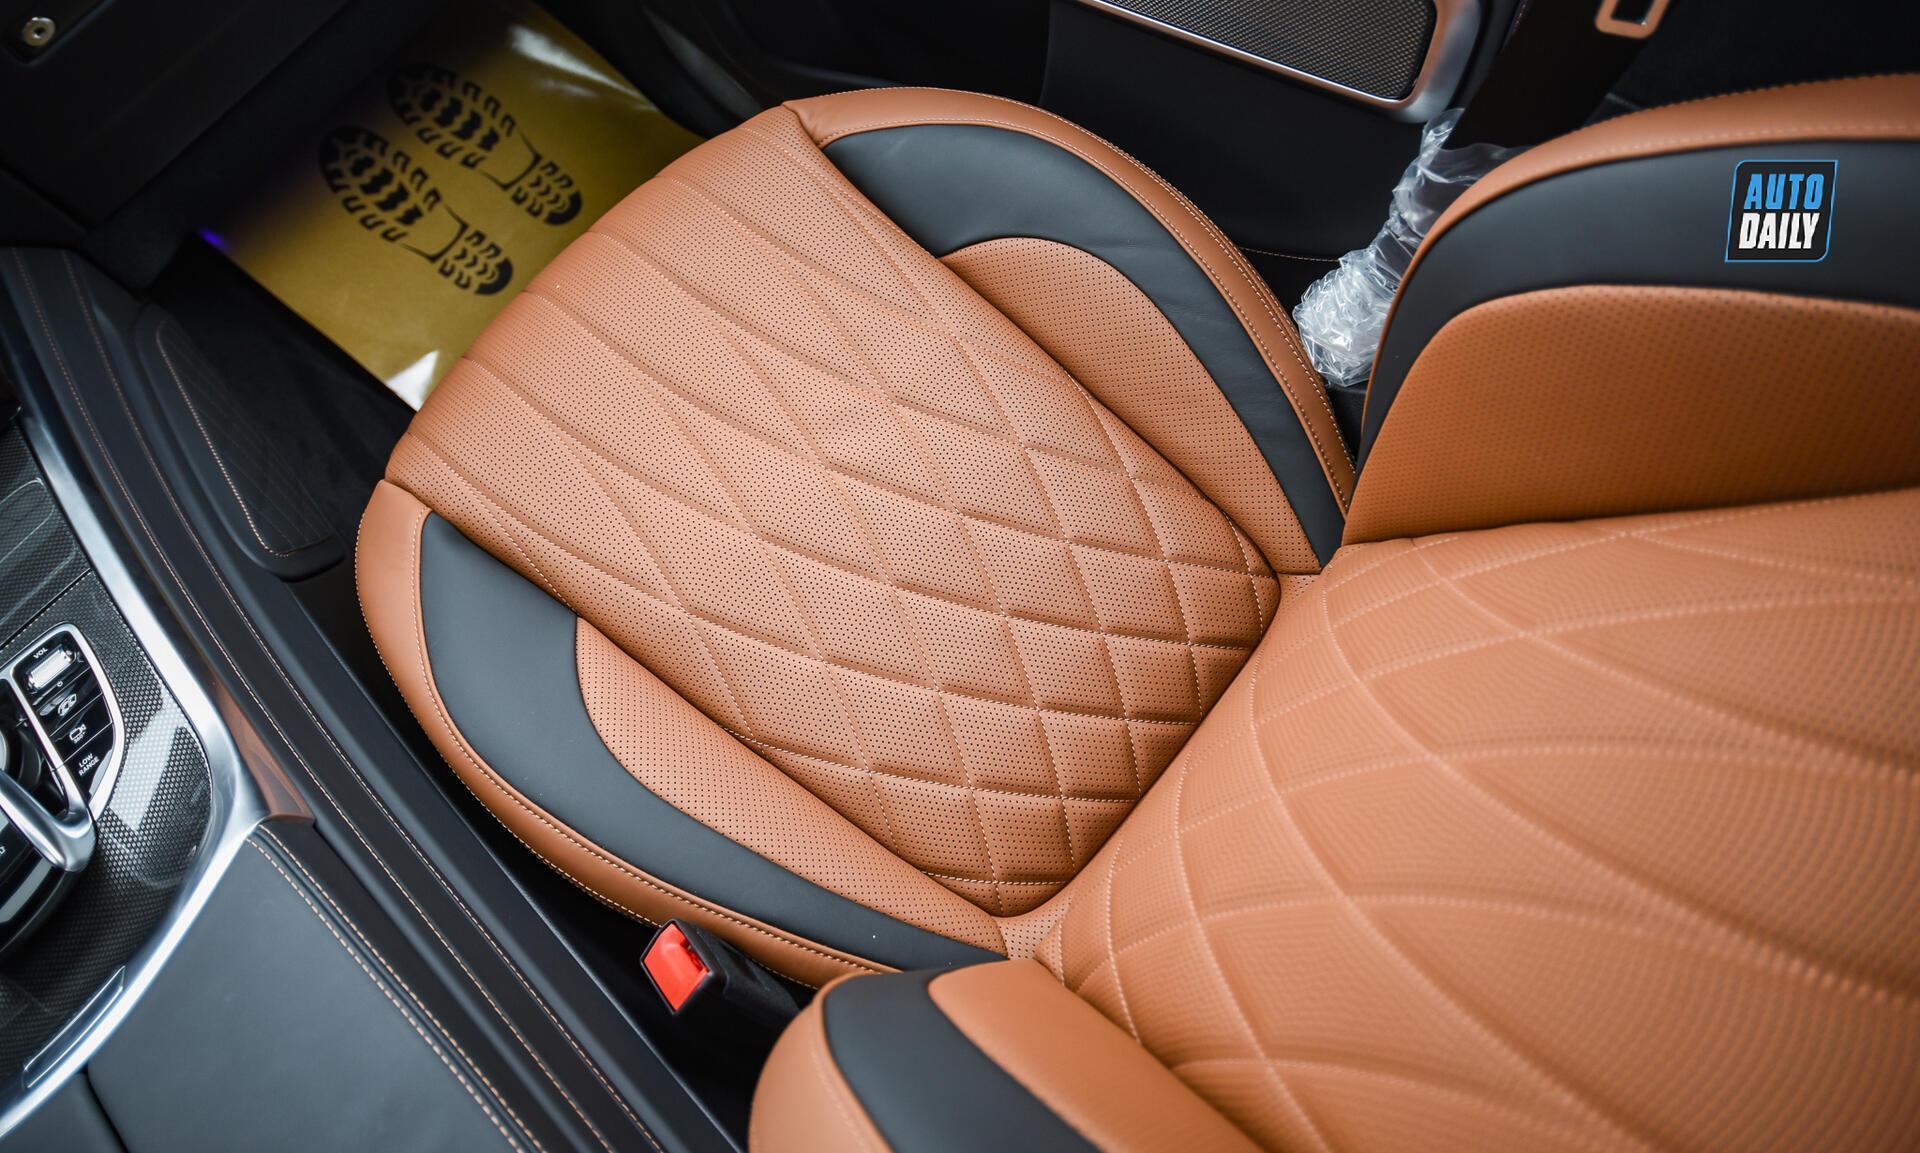 Ảnh chi tiết Mercedes G63 AMG 2021 bản cá nhân hoá giá khoảng 12 tỷ [19]